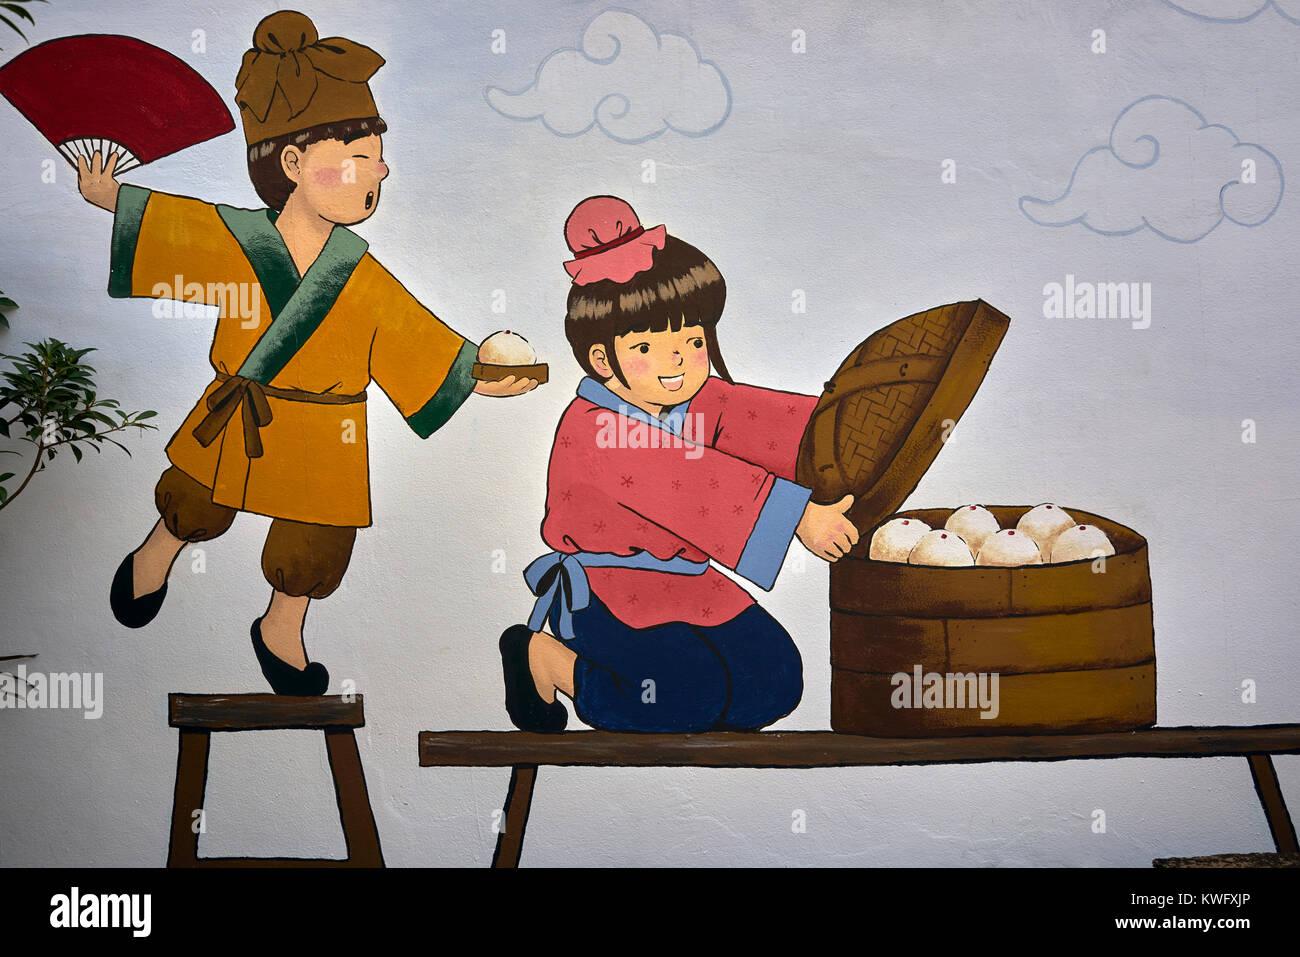 Arte de pared, Chino ilustración. Imagen De Stock